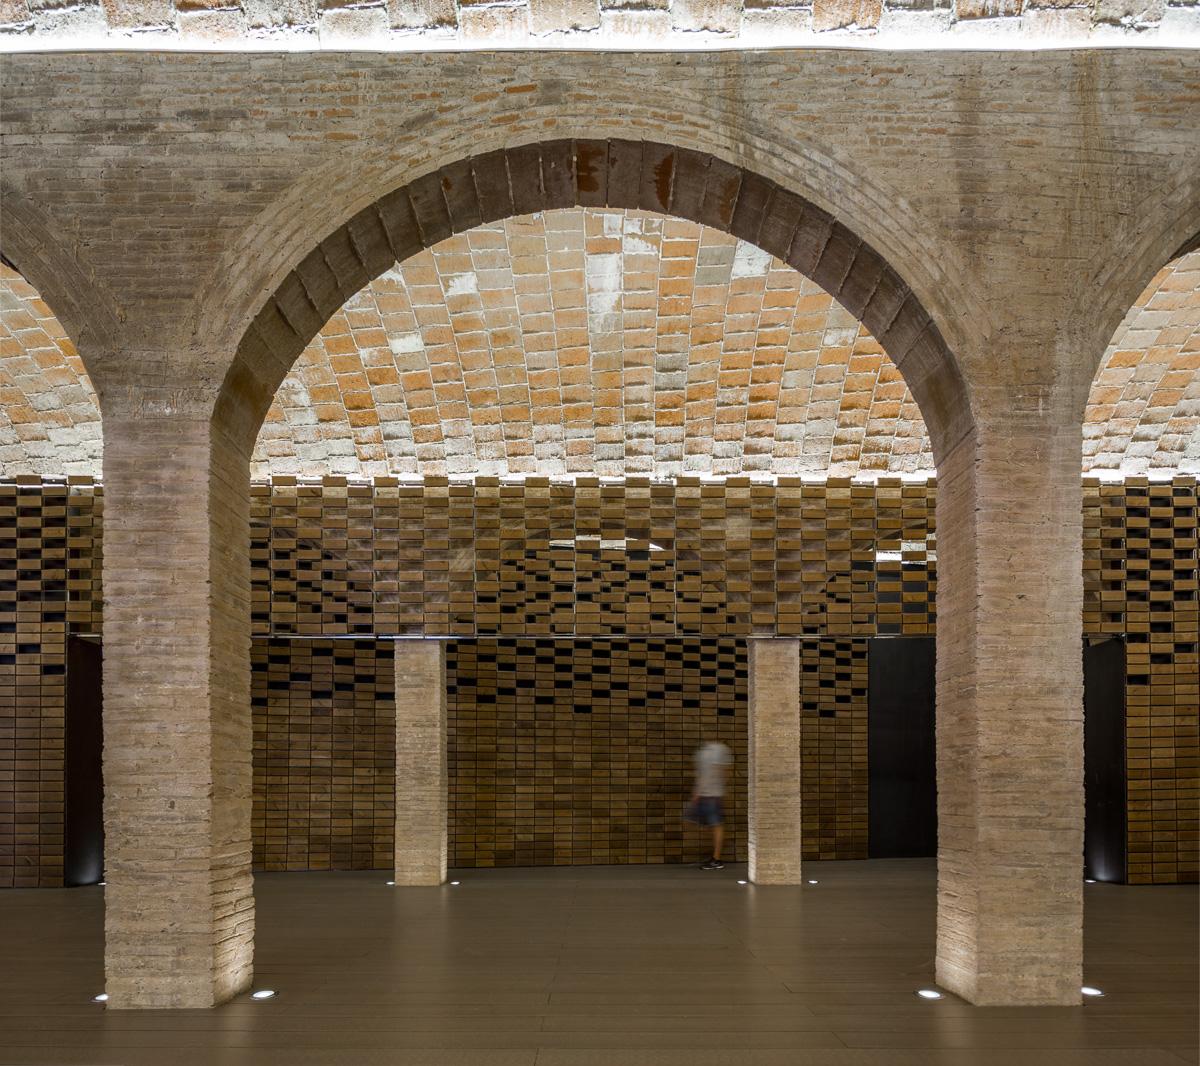 L'antico si fonde con il nuovo attraverso la componente materica: un sistema di piastrelle lignee utilizzato per le pareti evoca la stessa texture delle volte senza prevaricare l'architettura storica © Simon Garcia/arqfoto.com